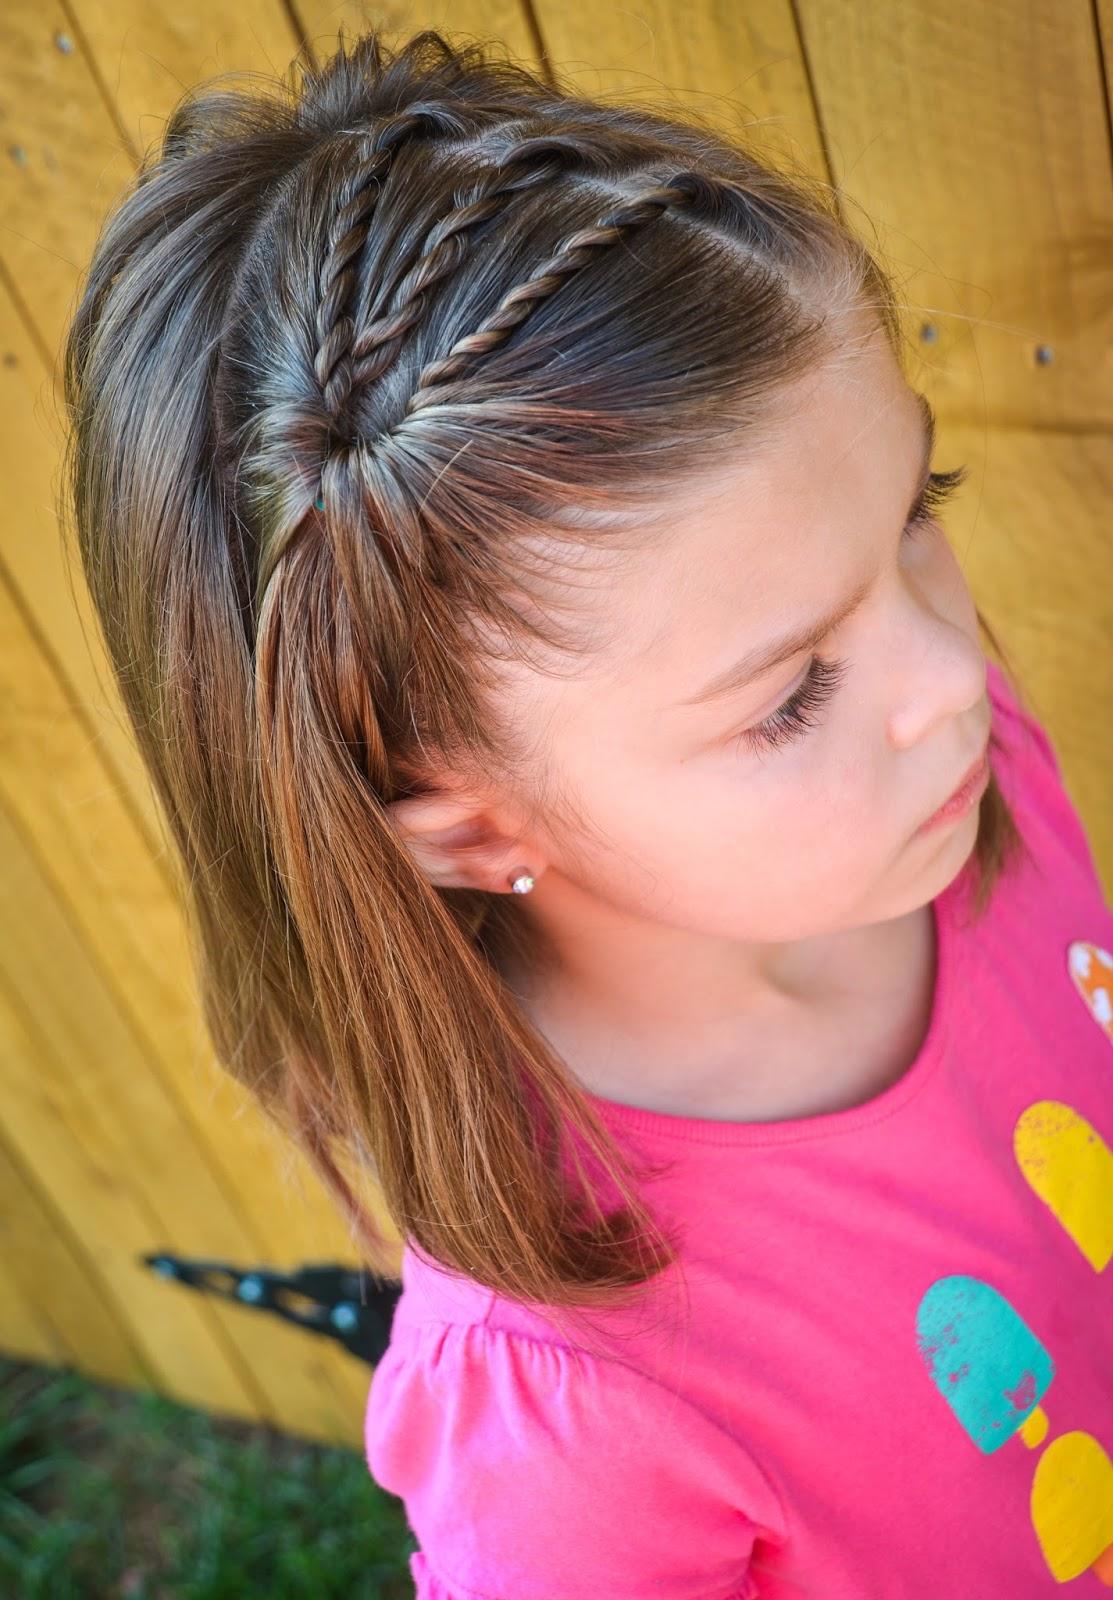 Идеи Причесок для Девочек 12 лет фото, схемы и видео